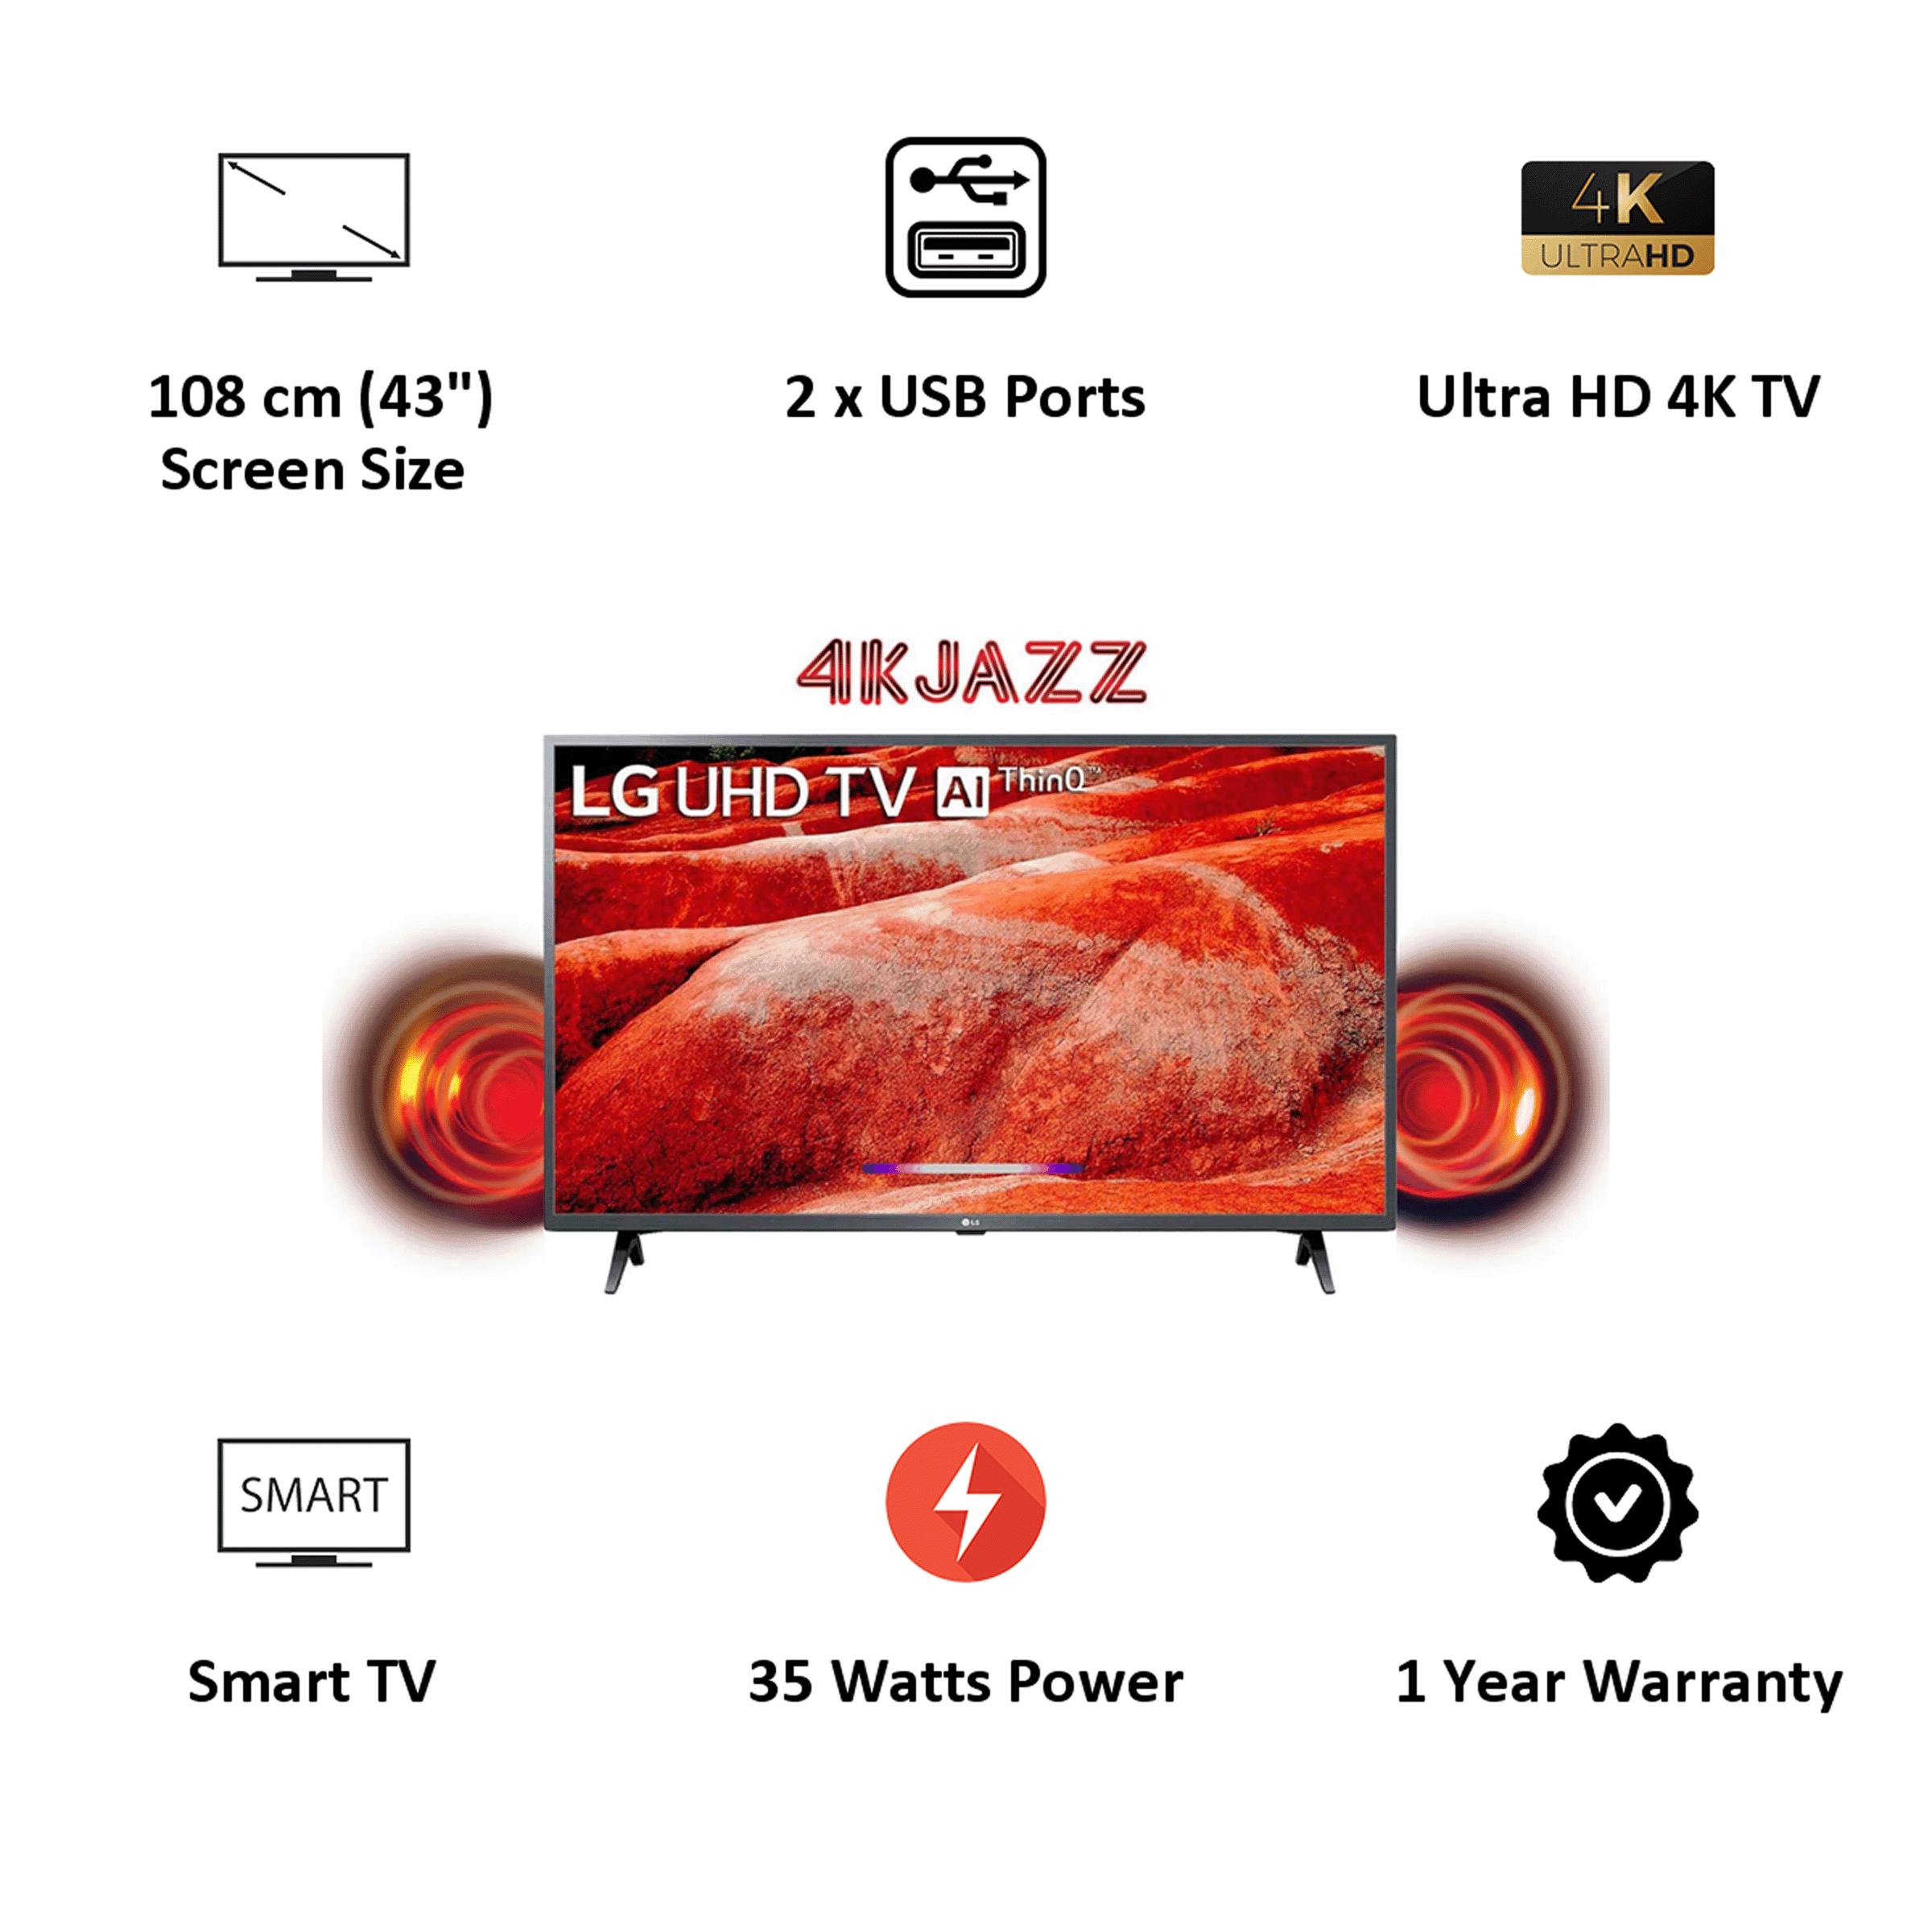 LG 108cm (43 Inch) 4K Ultra HD LED Smart TV (Google Assistant, 43UM7780, Ceramic Black) 3